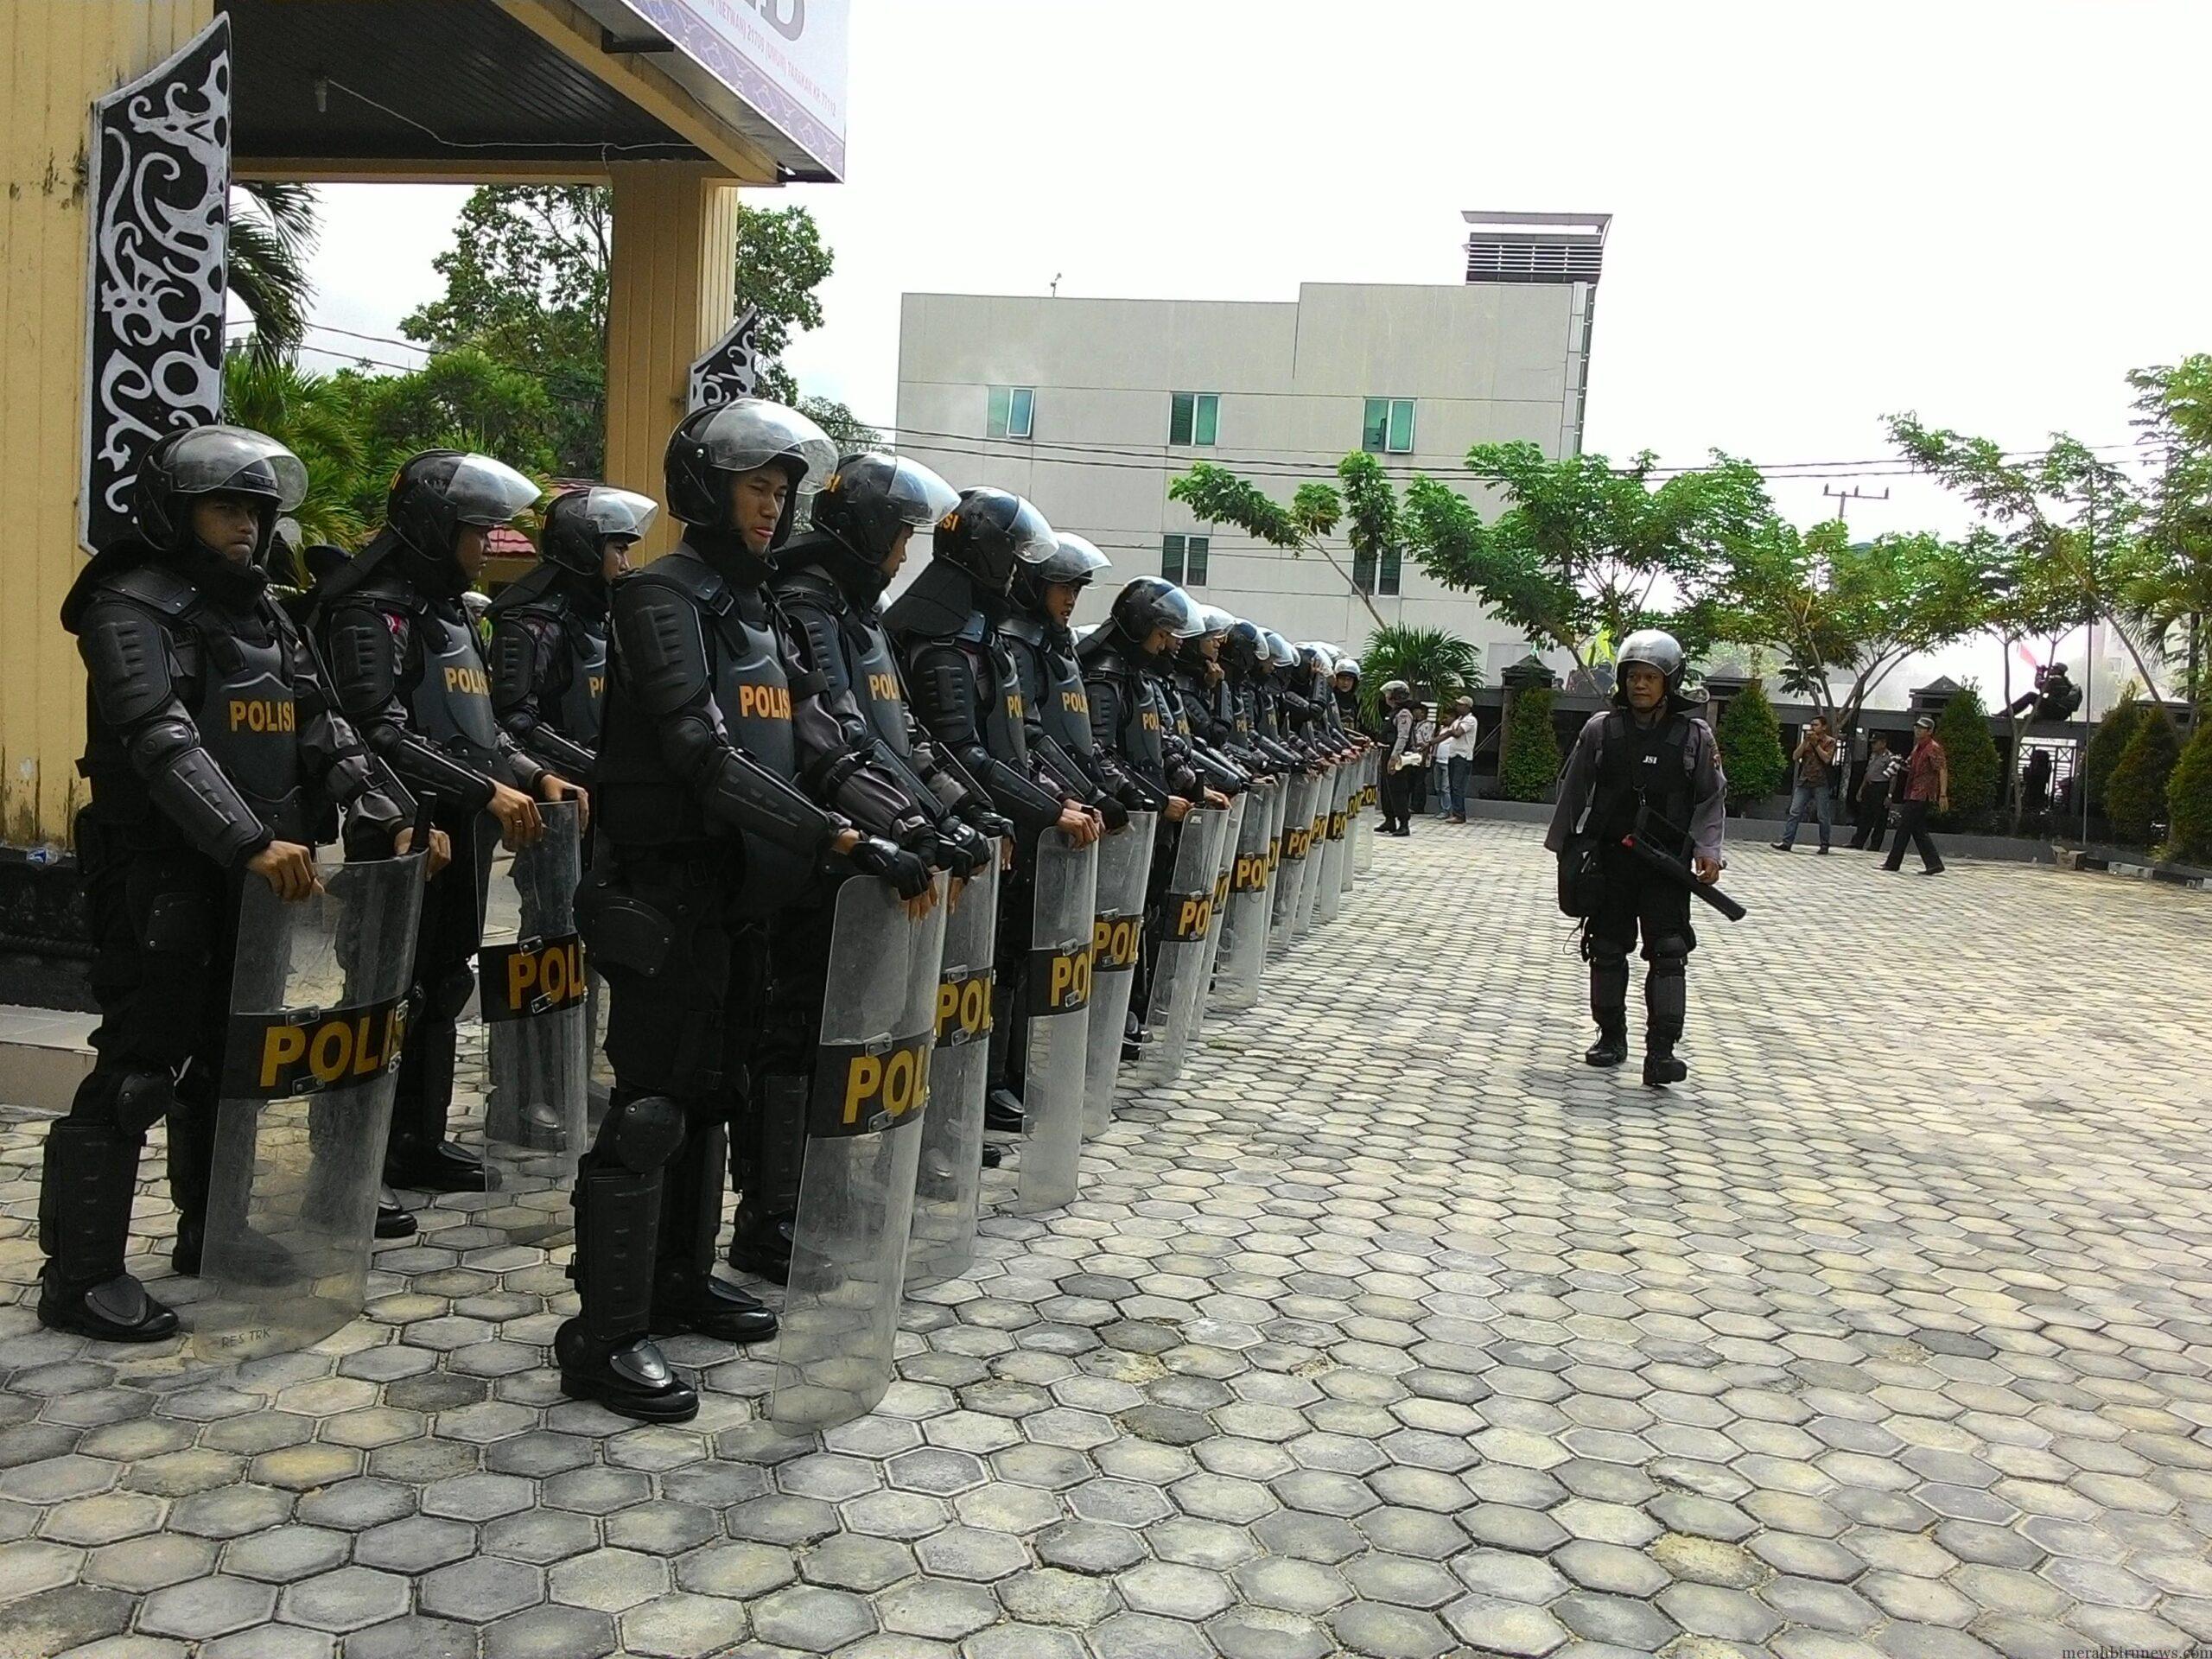 Persiapan Aparat Keamanan Dalam Menghadapi Aksi Unjuk Rasa Menolak PTLB 59 % Dihalaman DPRD Tarakan (RUN)